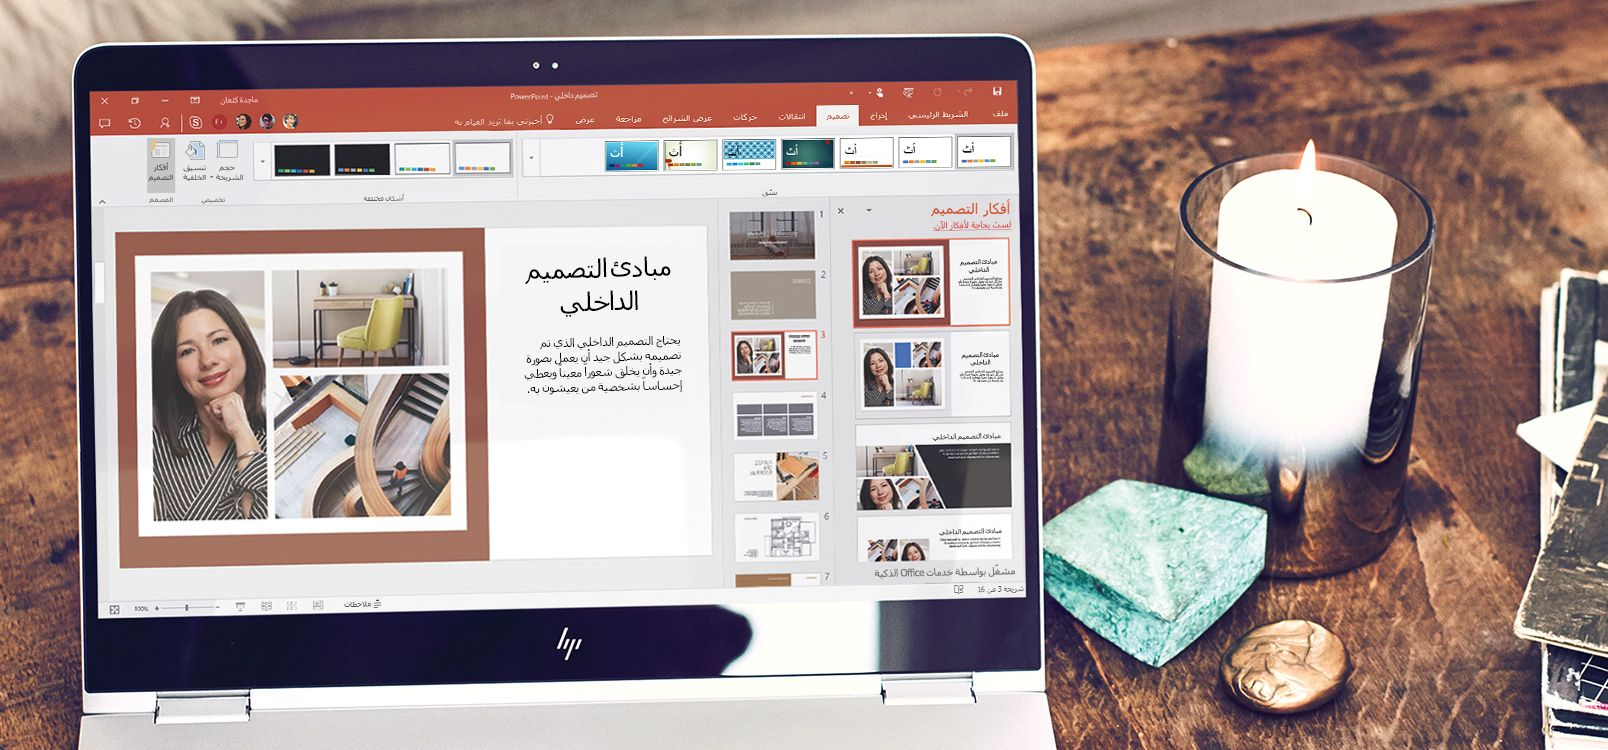 شاشة جهاز لوحي تعرض مستند PowerPoint تم فيها استخدام ميزة مصمم PowerPoint